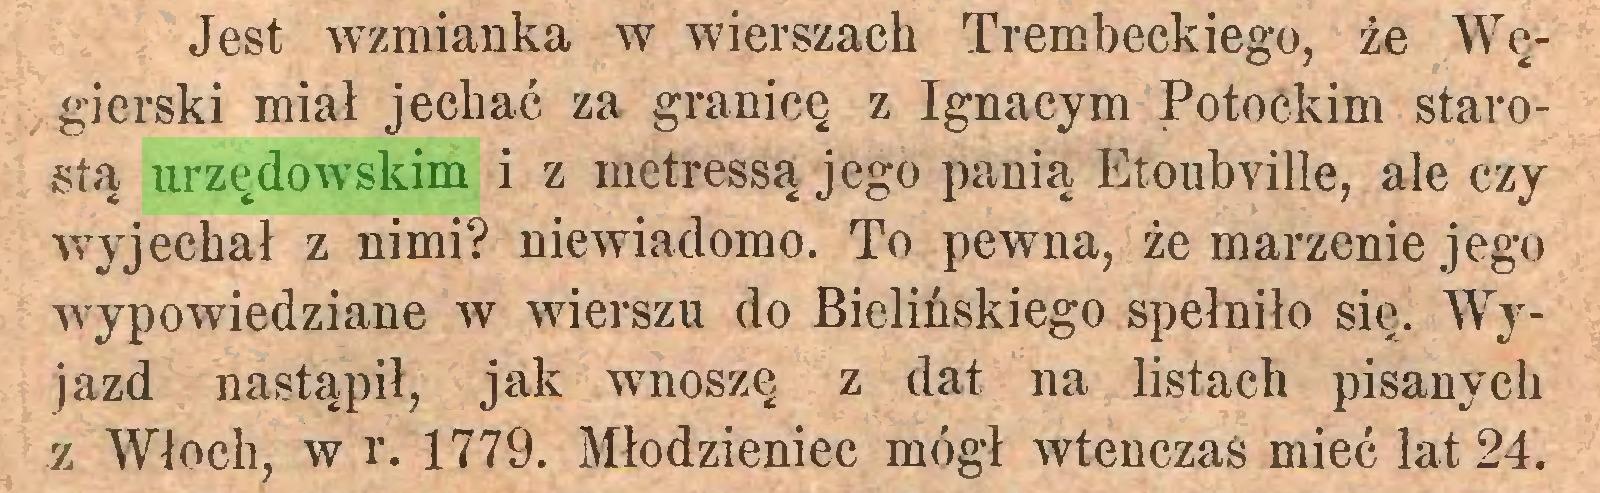 (...) Jest wzmianka w wierszach Trembeckiego, że Węgierski miał jechać za granicę z Ignacym Potockim starostą urzędowskim i z metressą jego panią Etoubville, ale czy wyjechał z nimi? niewiadomo. To pewna, że marzenie jego wypowiedziane w wierszu do Bielińskiego spełniło się. Wyjazd nastąpił, jak wnoszę z dat na listach pisanych z Włoch, w r. 1779. Młodzieniec mógł wtenczas mieć lat 24...